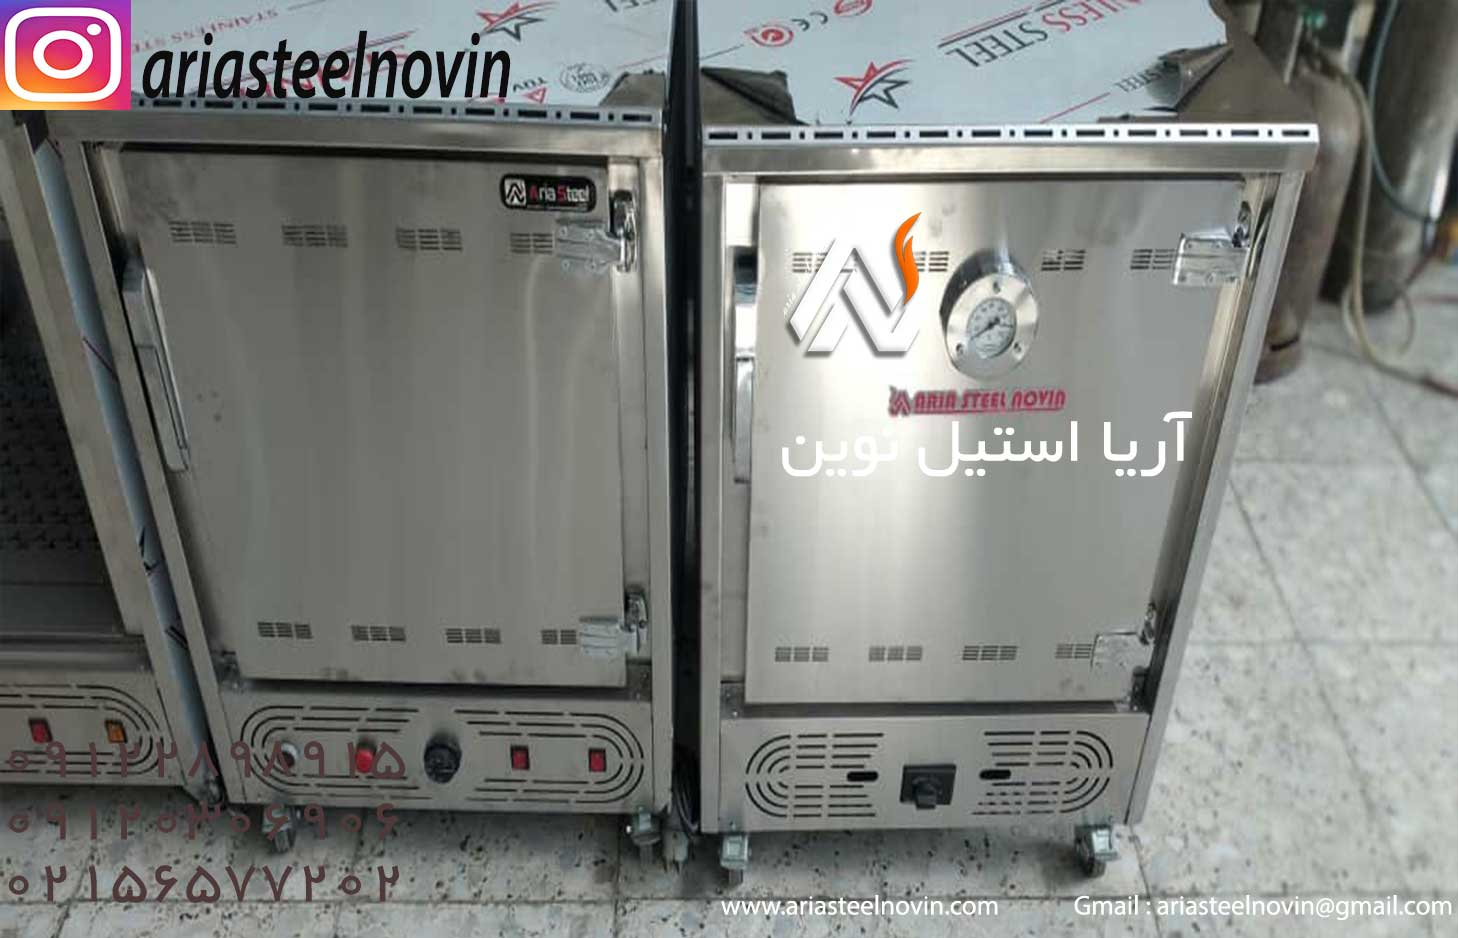 'گرمخانه غذا 30 نفره و 20 نفره برقی با قیمت عالی مناسب گرم کردن غذای پرسنل و مدارس میباشد هیتر گرمکن غذا